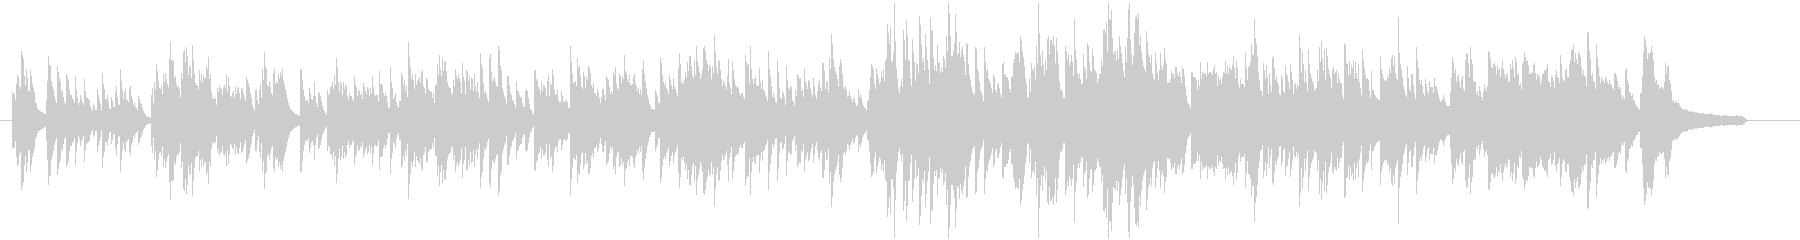 少ししっとりとした美しい感動的ピアノ曲の未再生の波形